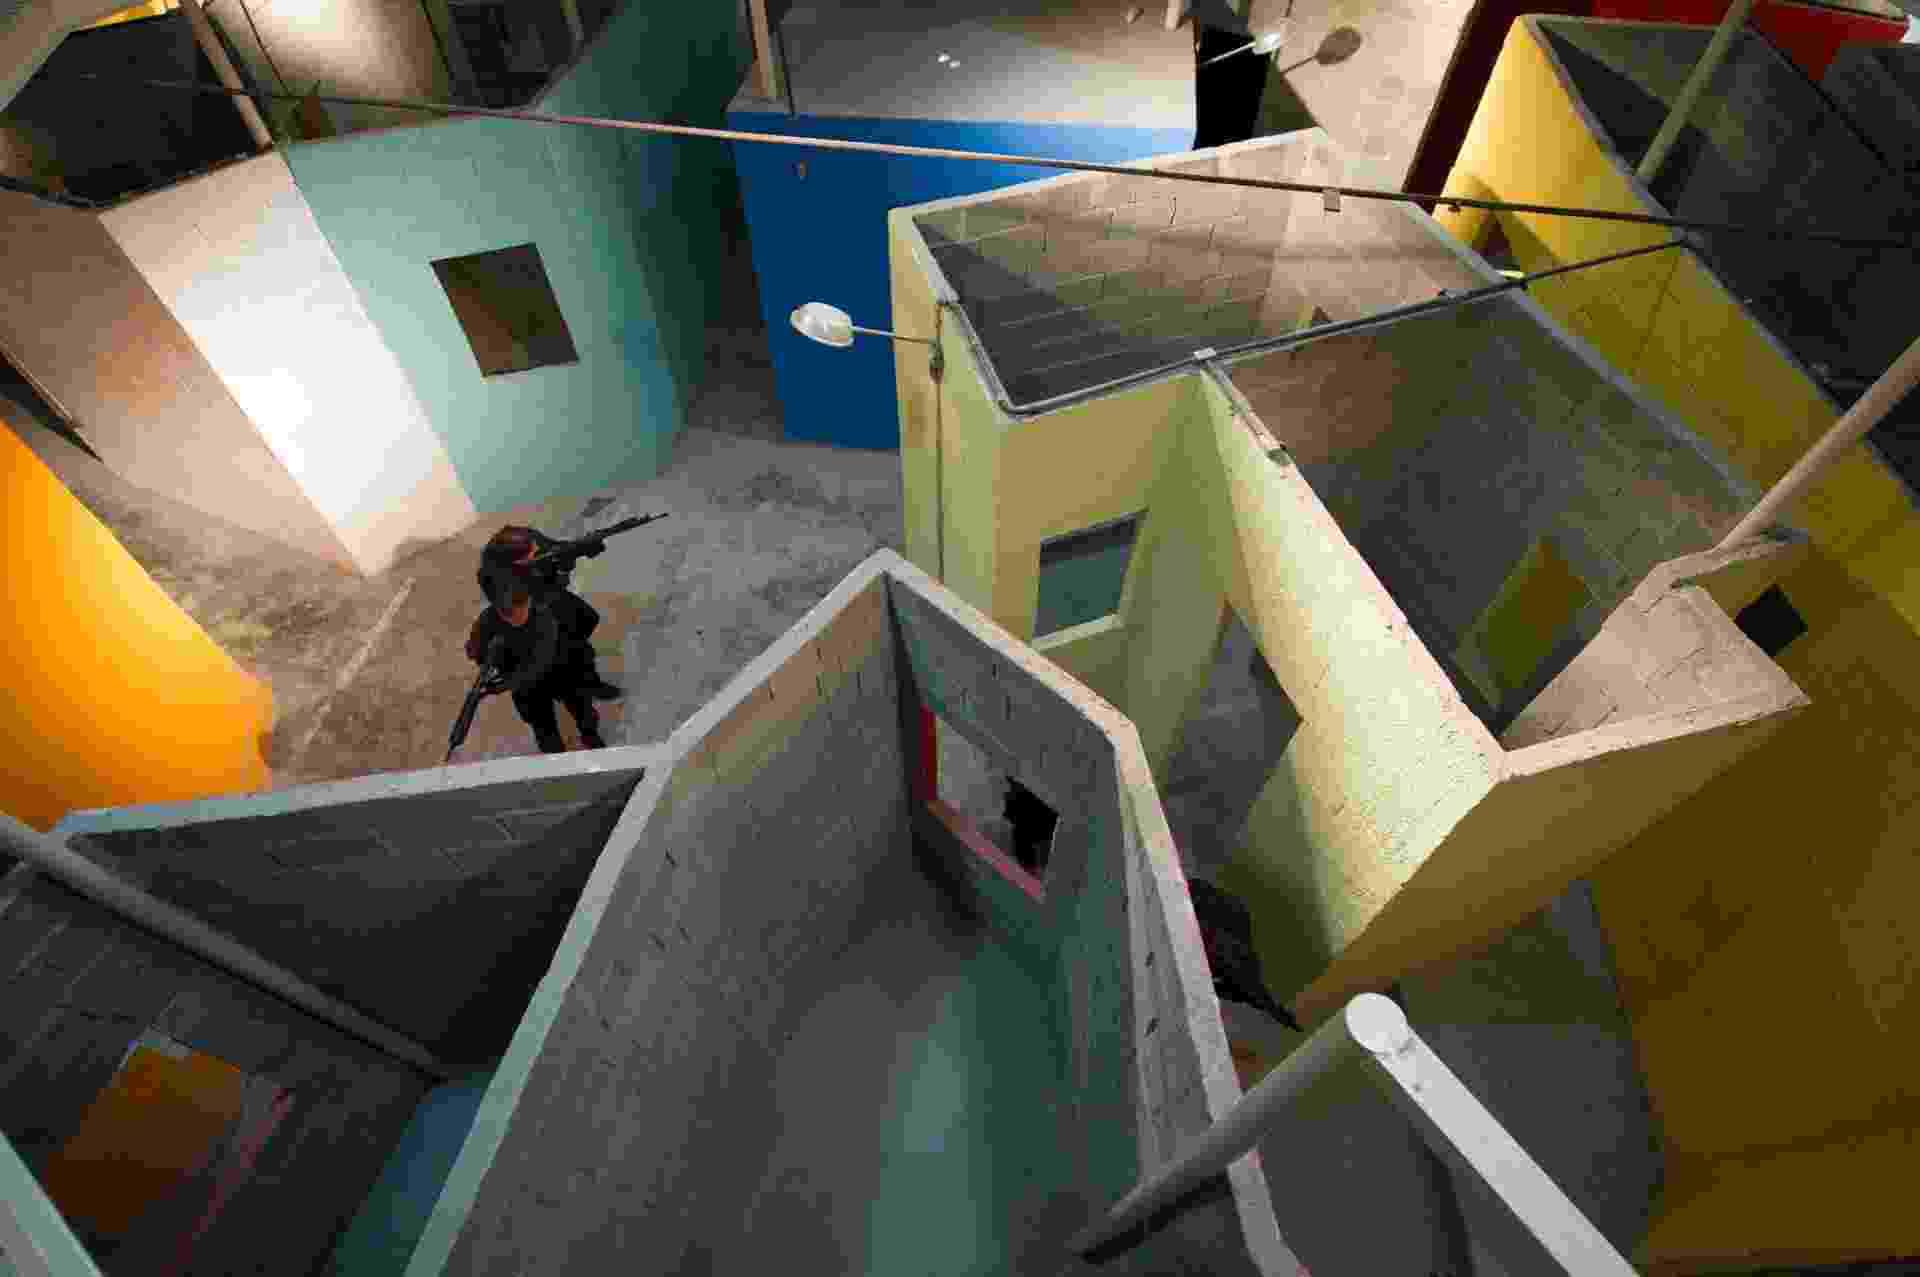 4.dez.2013 - Policiais civis do Core (Coordenadoria de Recursos Especiais) treinam invasão de favela cenográfica no Rio de Janeiro na terça-feira (3) - Christophe Simon/AFP